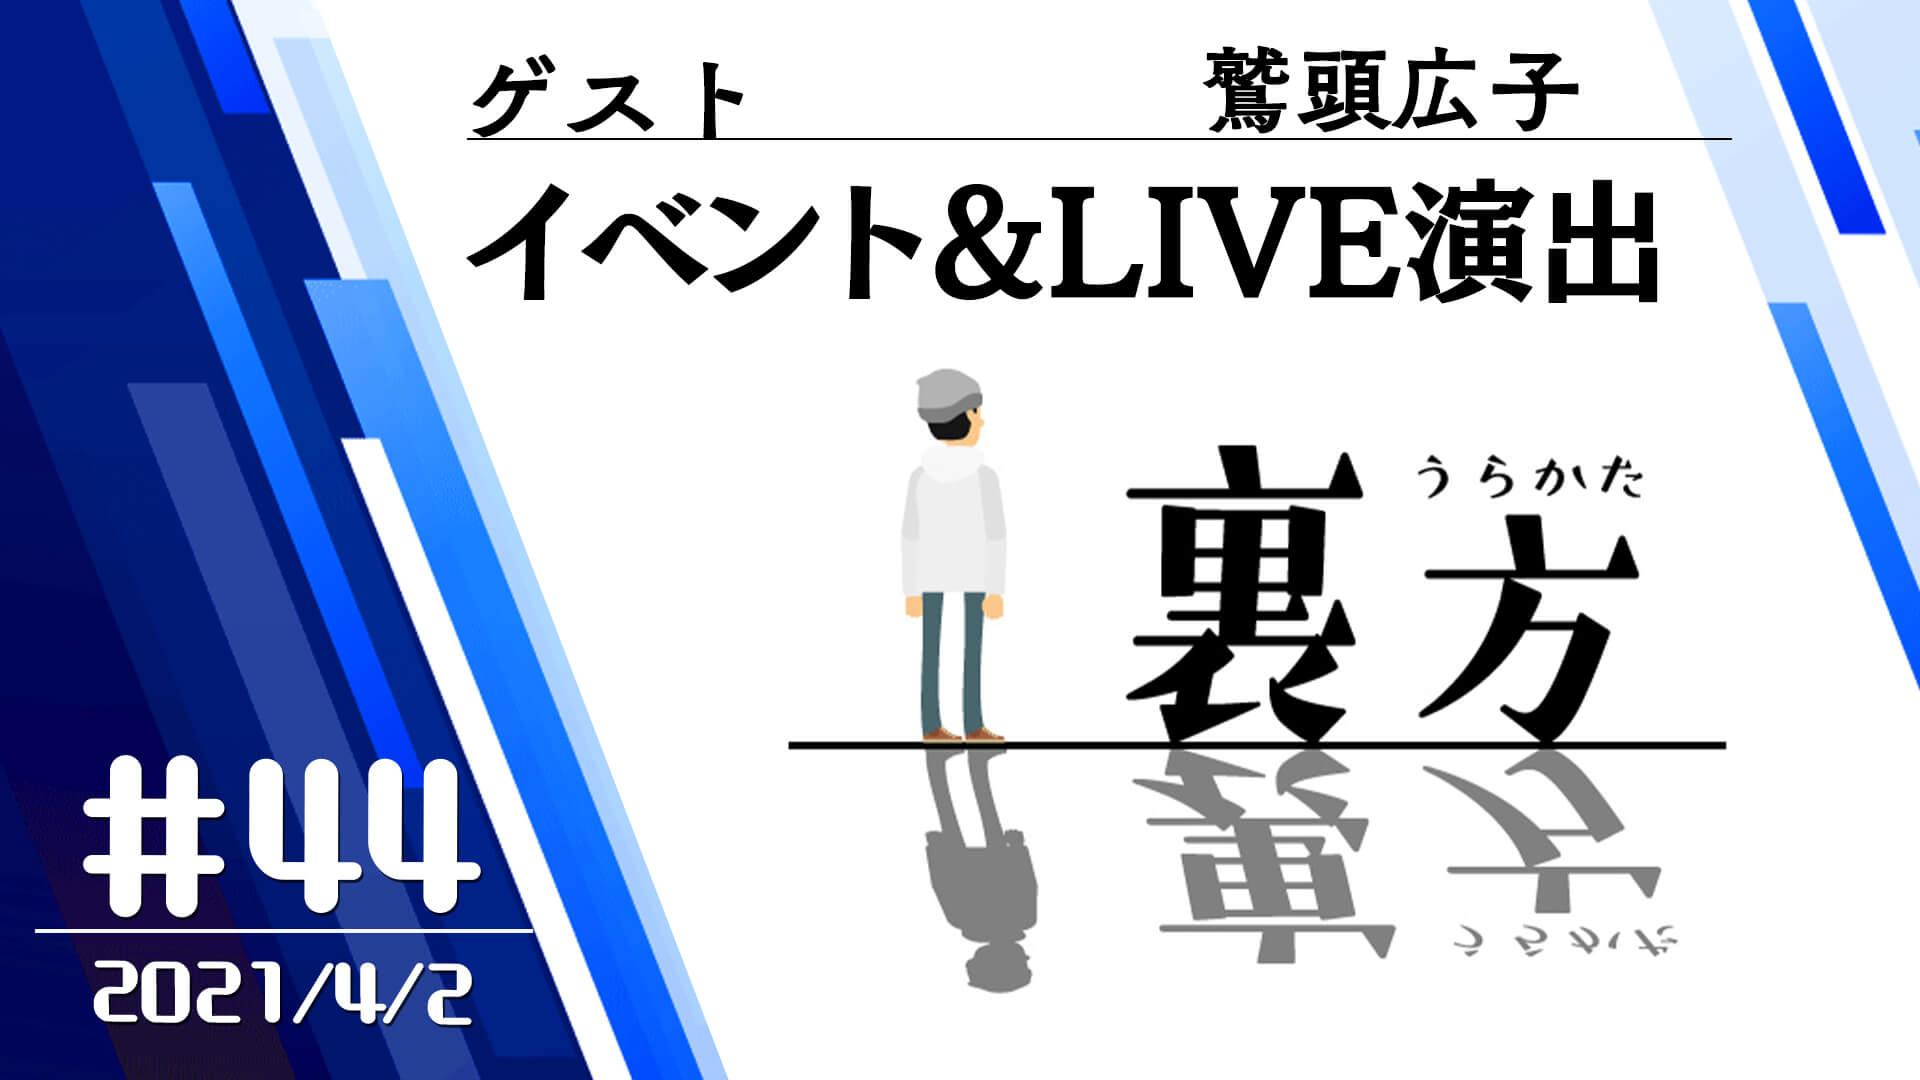 【ゲスト:イベント&LIVE演出 鷲頭広子さん】文化放送超!A&G+ 「裏方」#44 (2021年4月2日放送分)